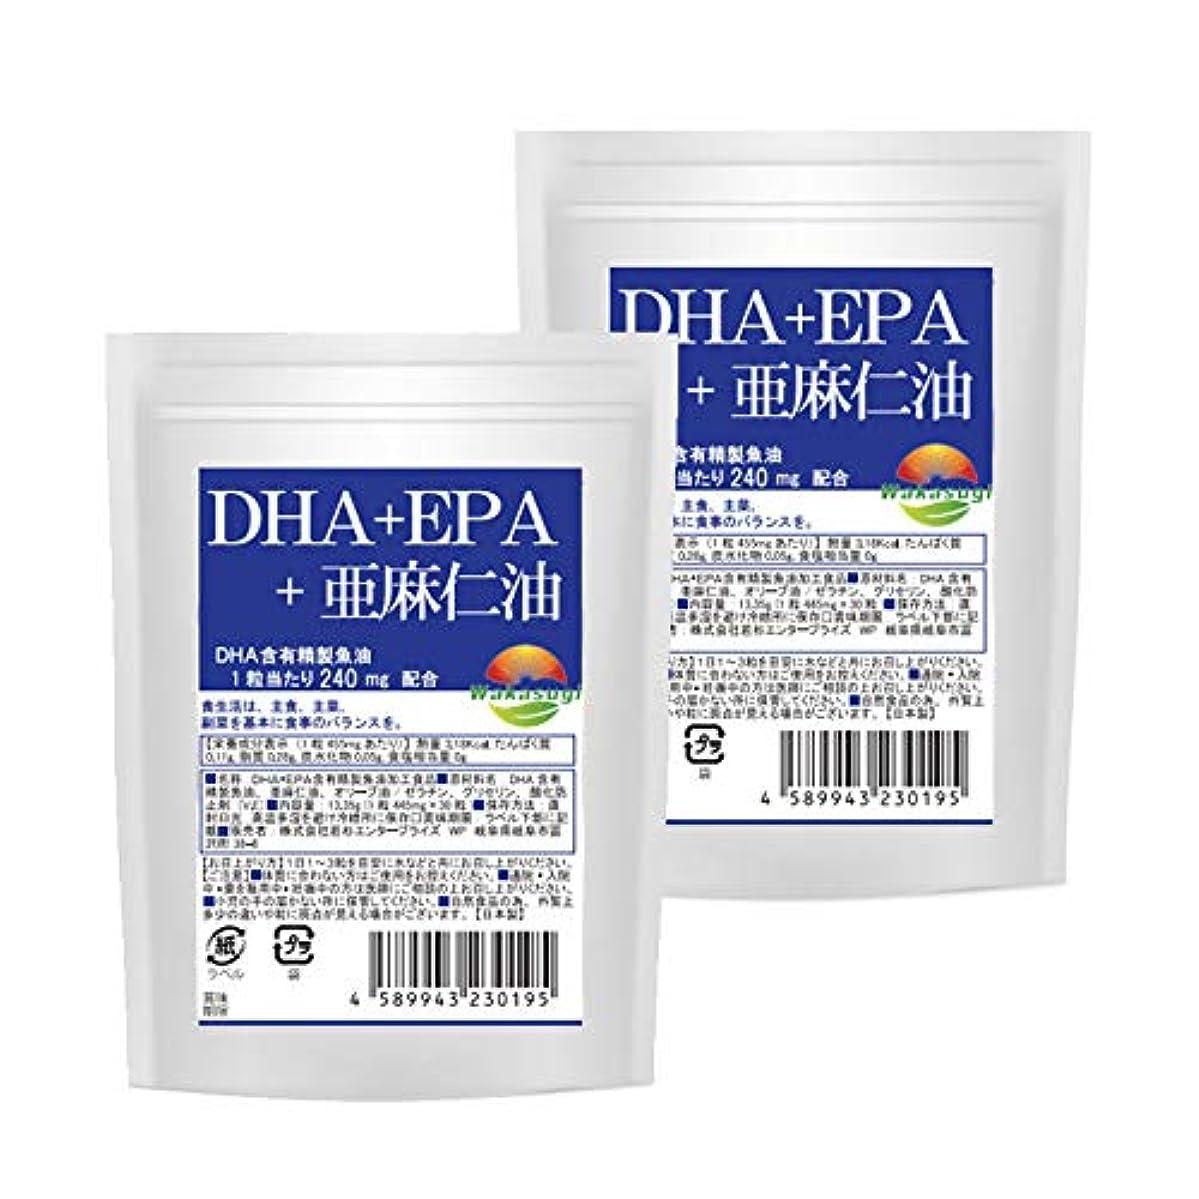 通知する光幻滅DHA+EPA+亜麻仁油 30粒 2袋セット 計60粒 最大2か月分